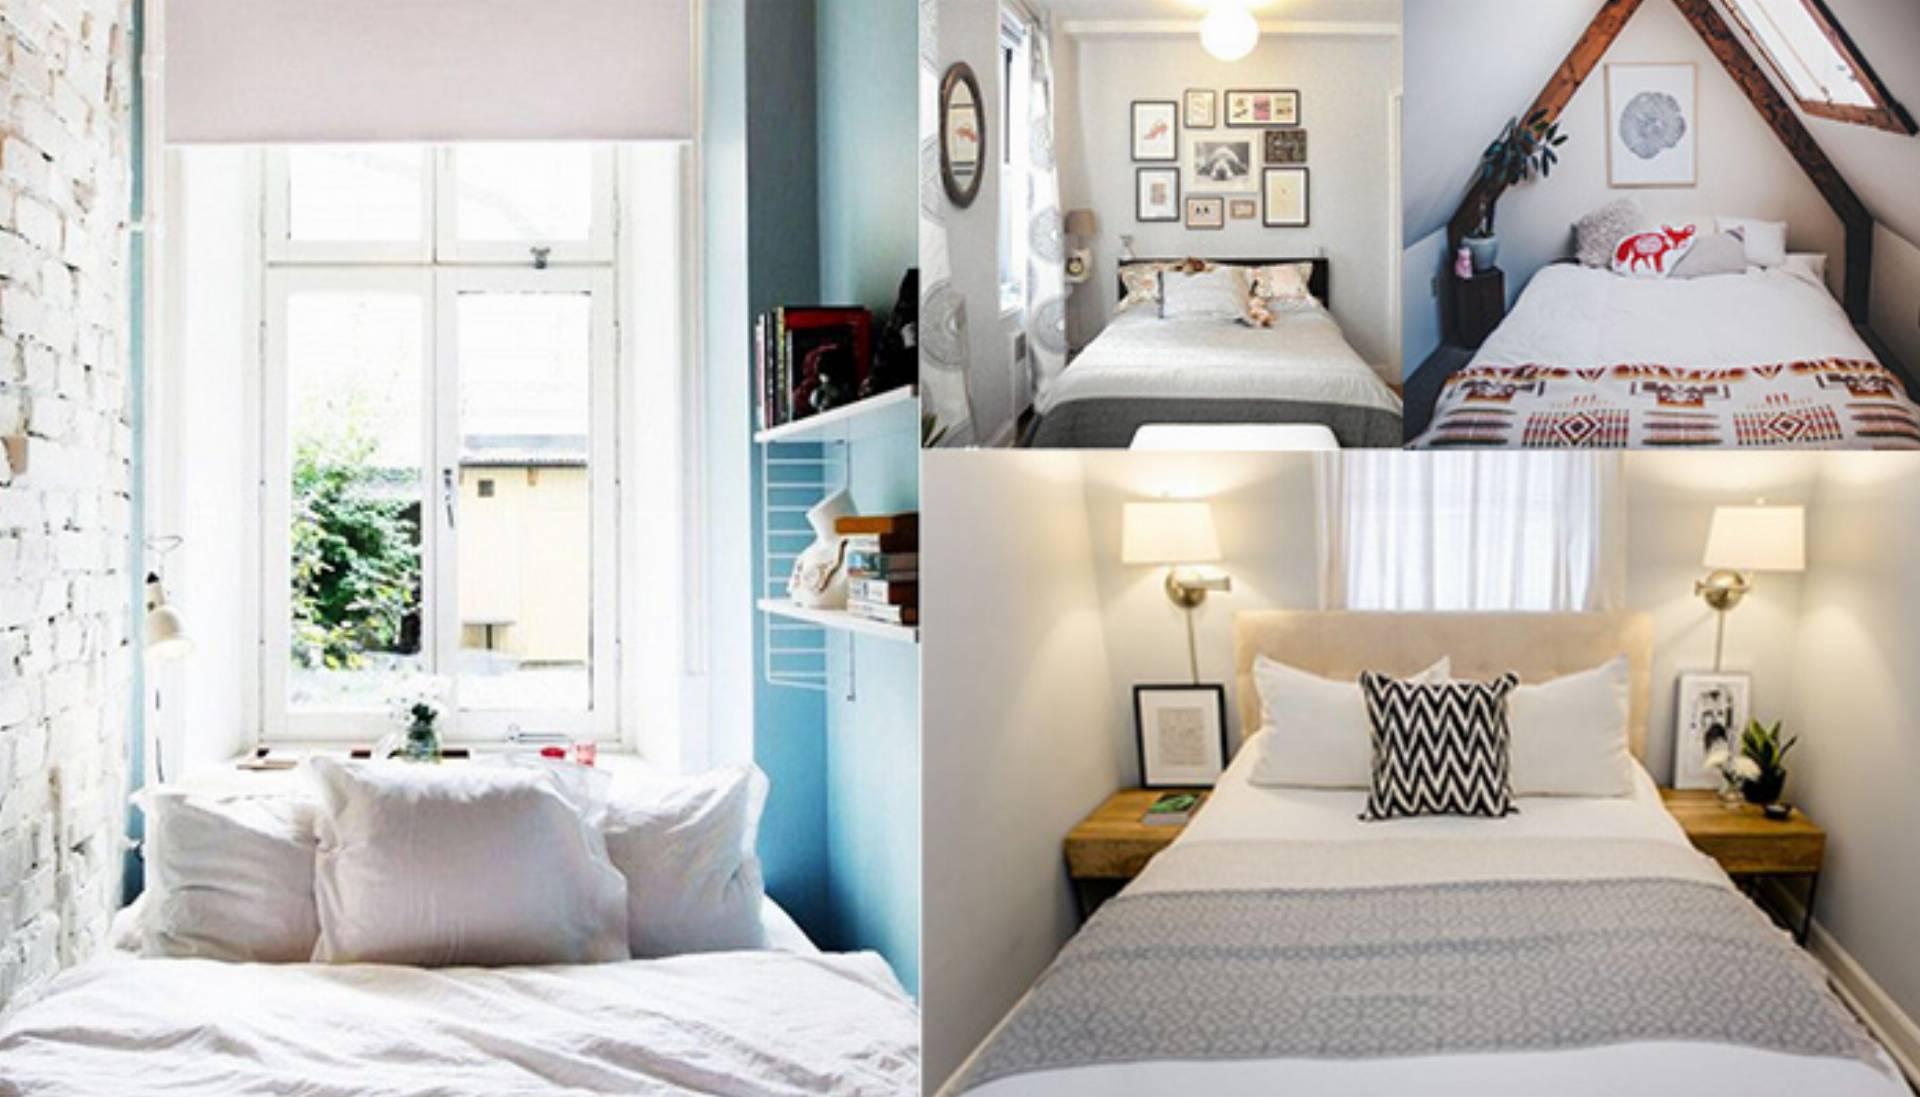 Inspiracje Do Domu Mała Sypialnia Kobietamagpl